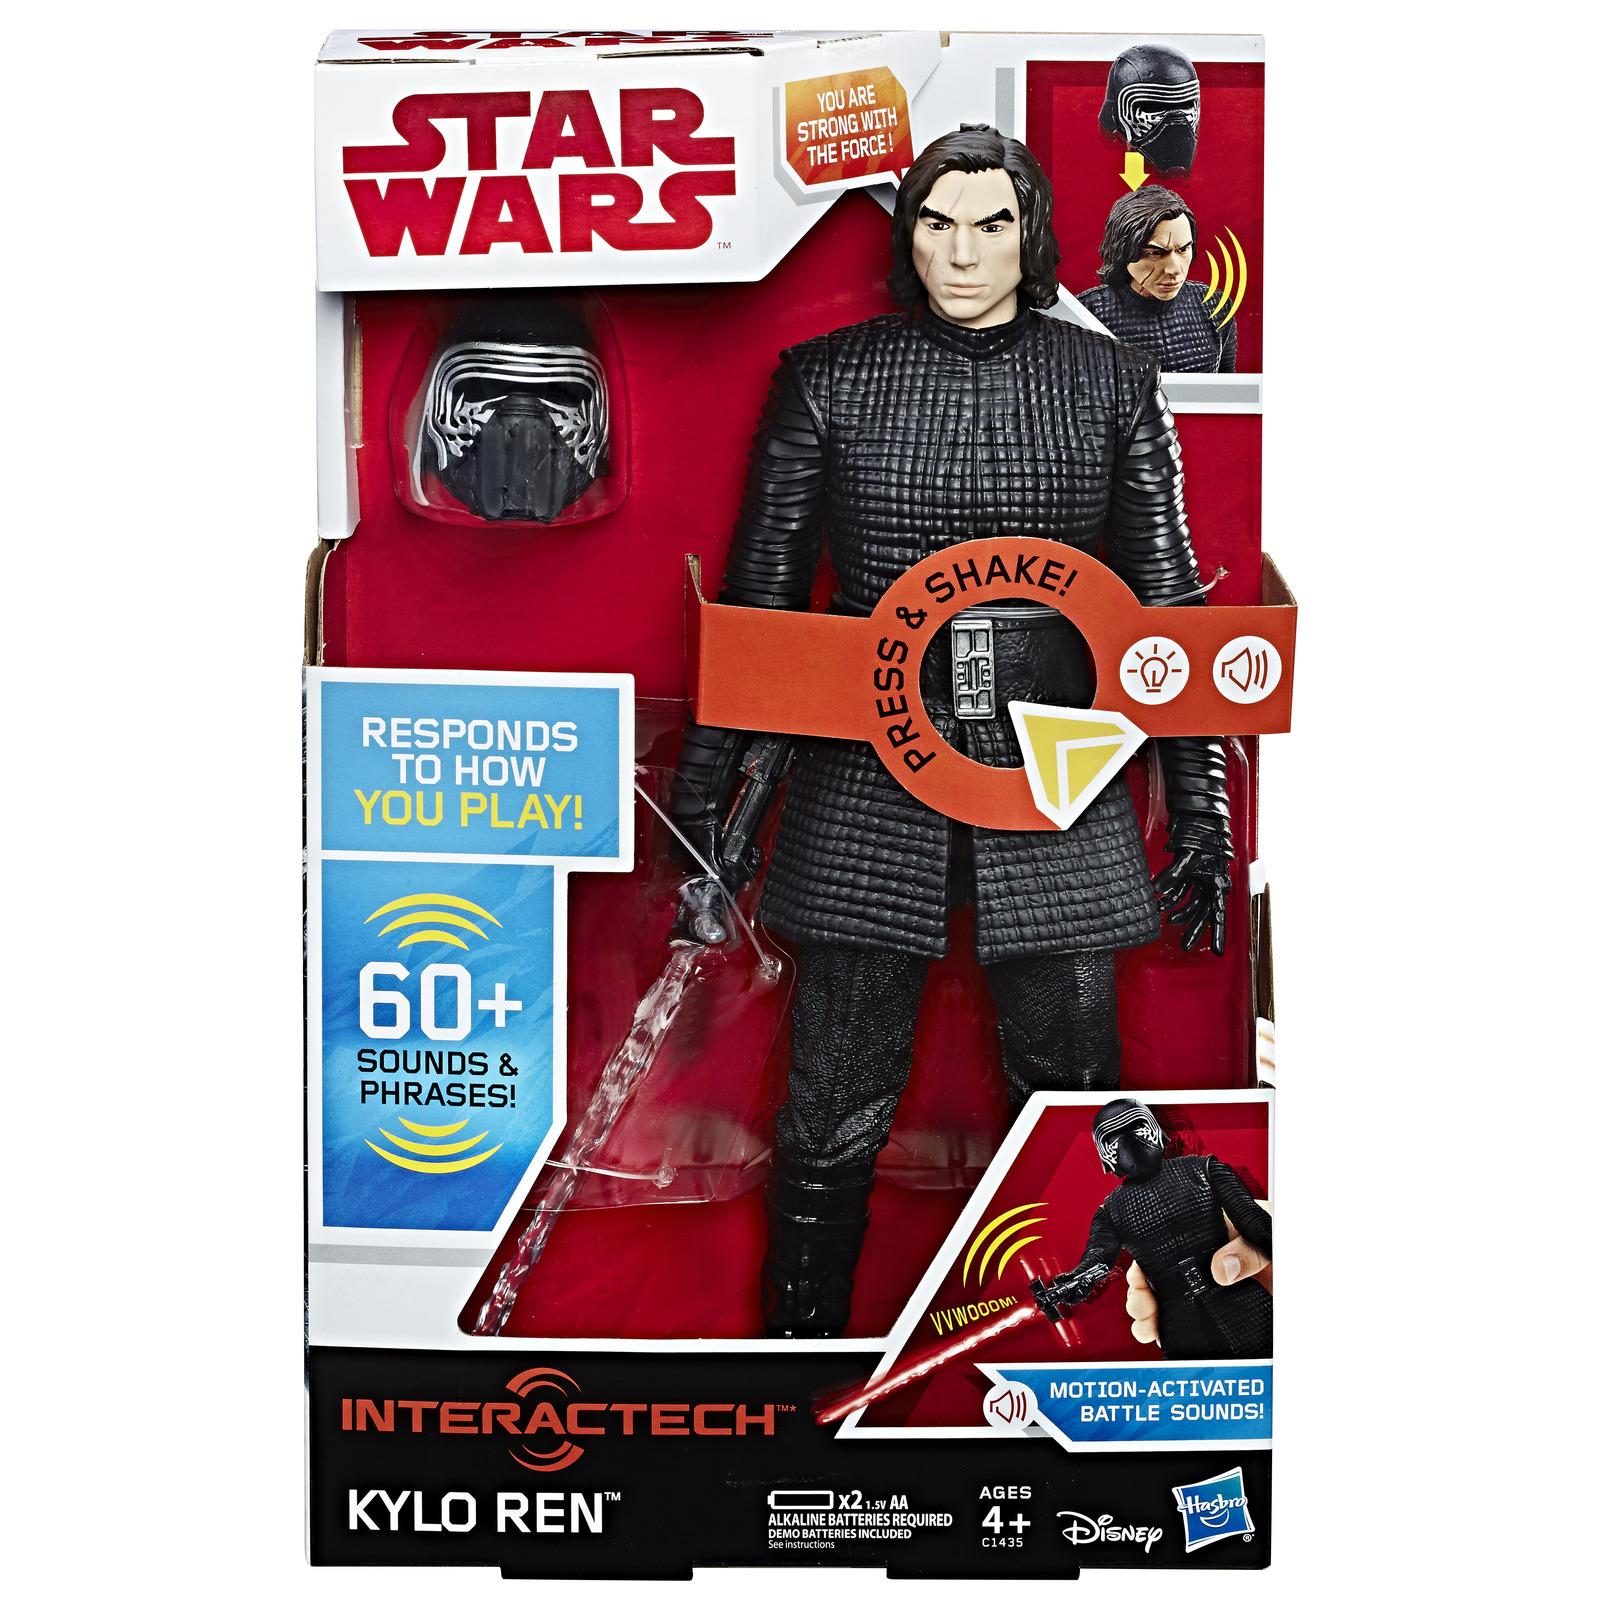 """Star Wars: Interactech 12"""" Figure - Kylo Ren image"""